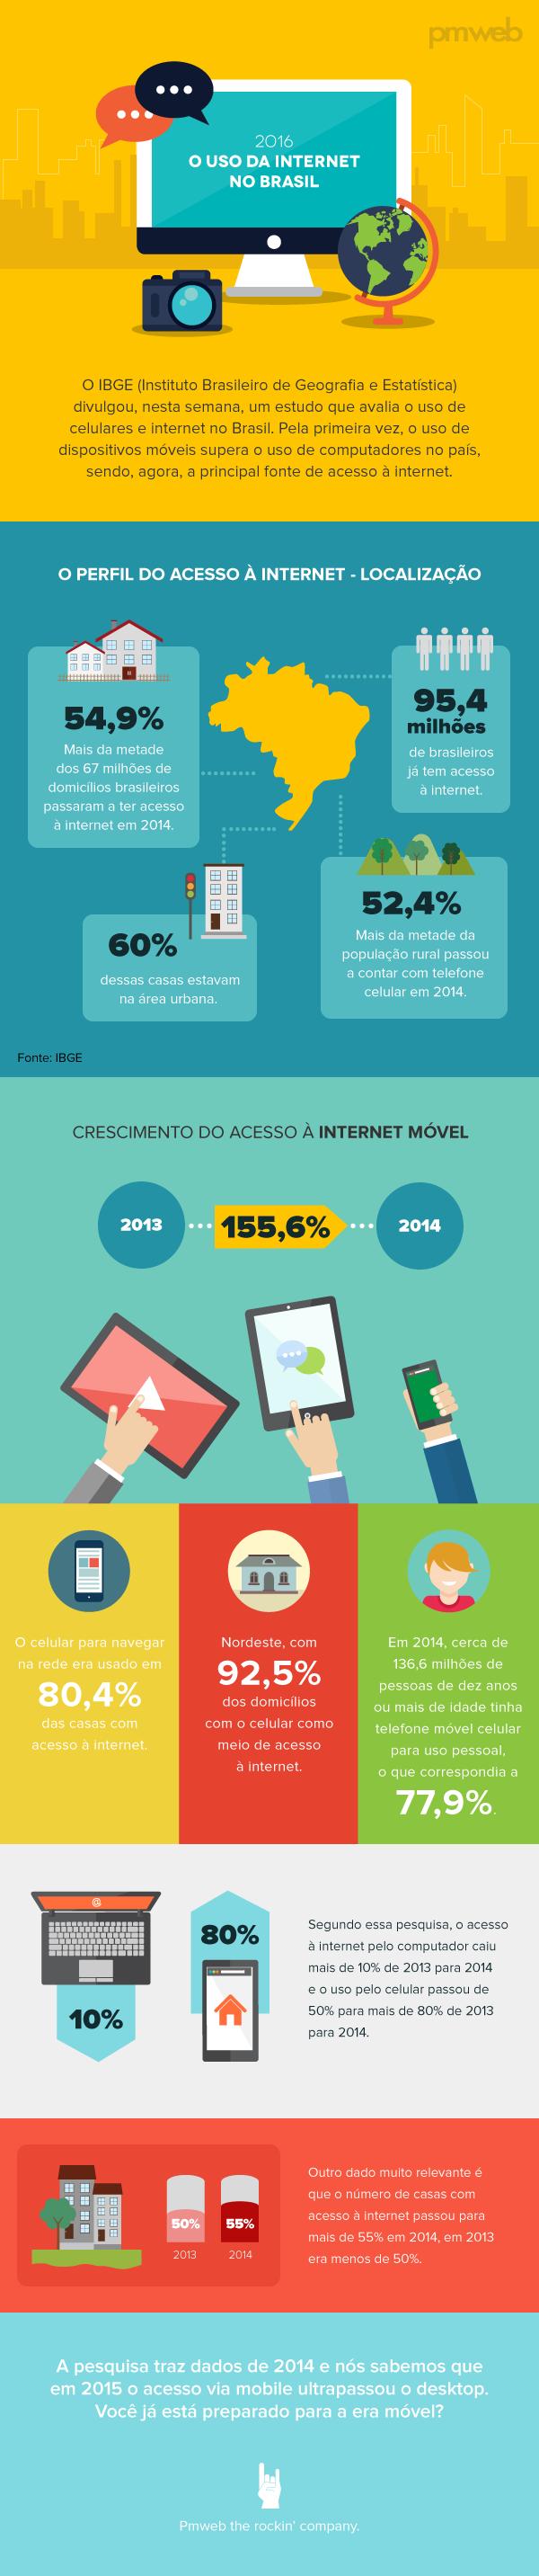 infografico_internet_no_brasil